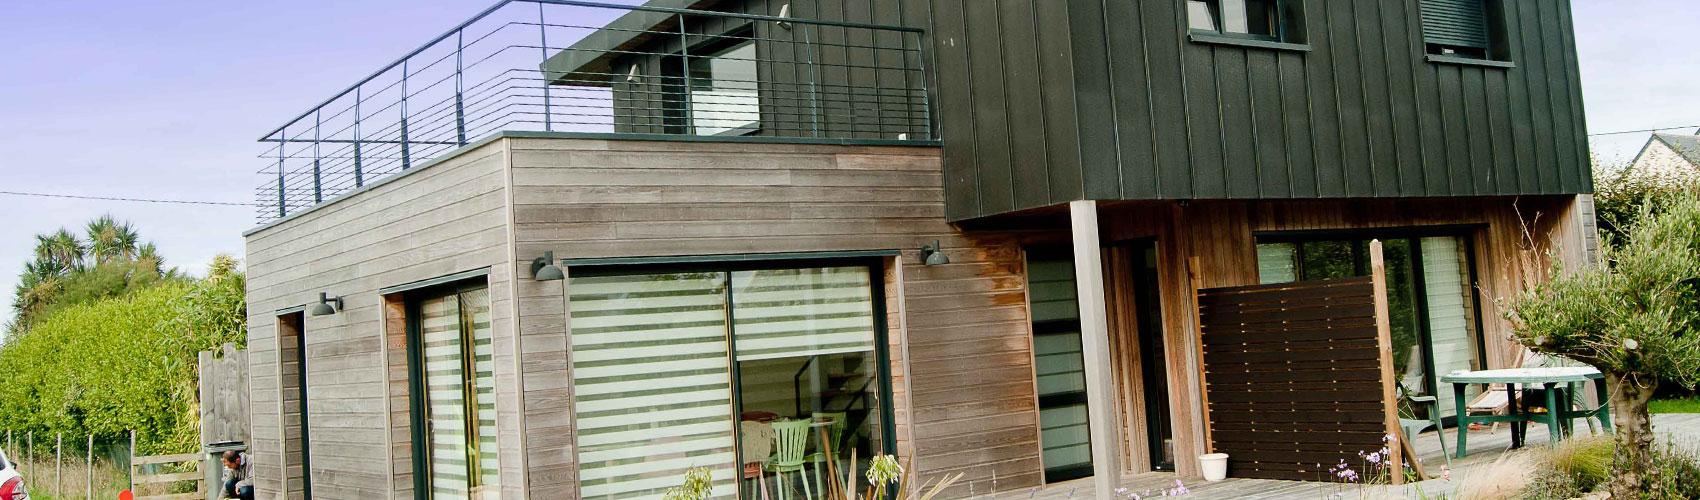 BATY BOIS CONSTRUCTEUR MAISON OSSATURE BOIS FINIST u00c8RE La maisons ossature bois # Constructeur Maison Bois Finistere